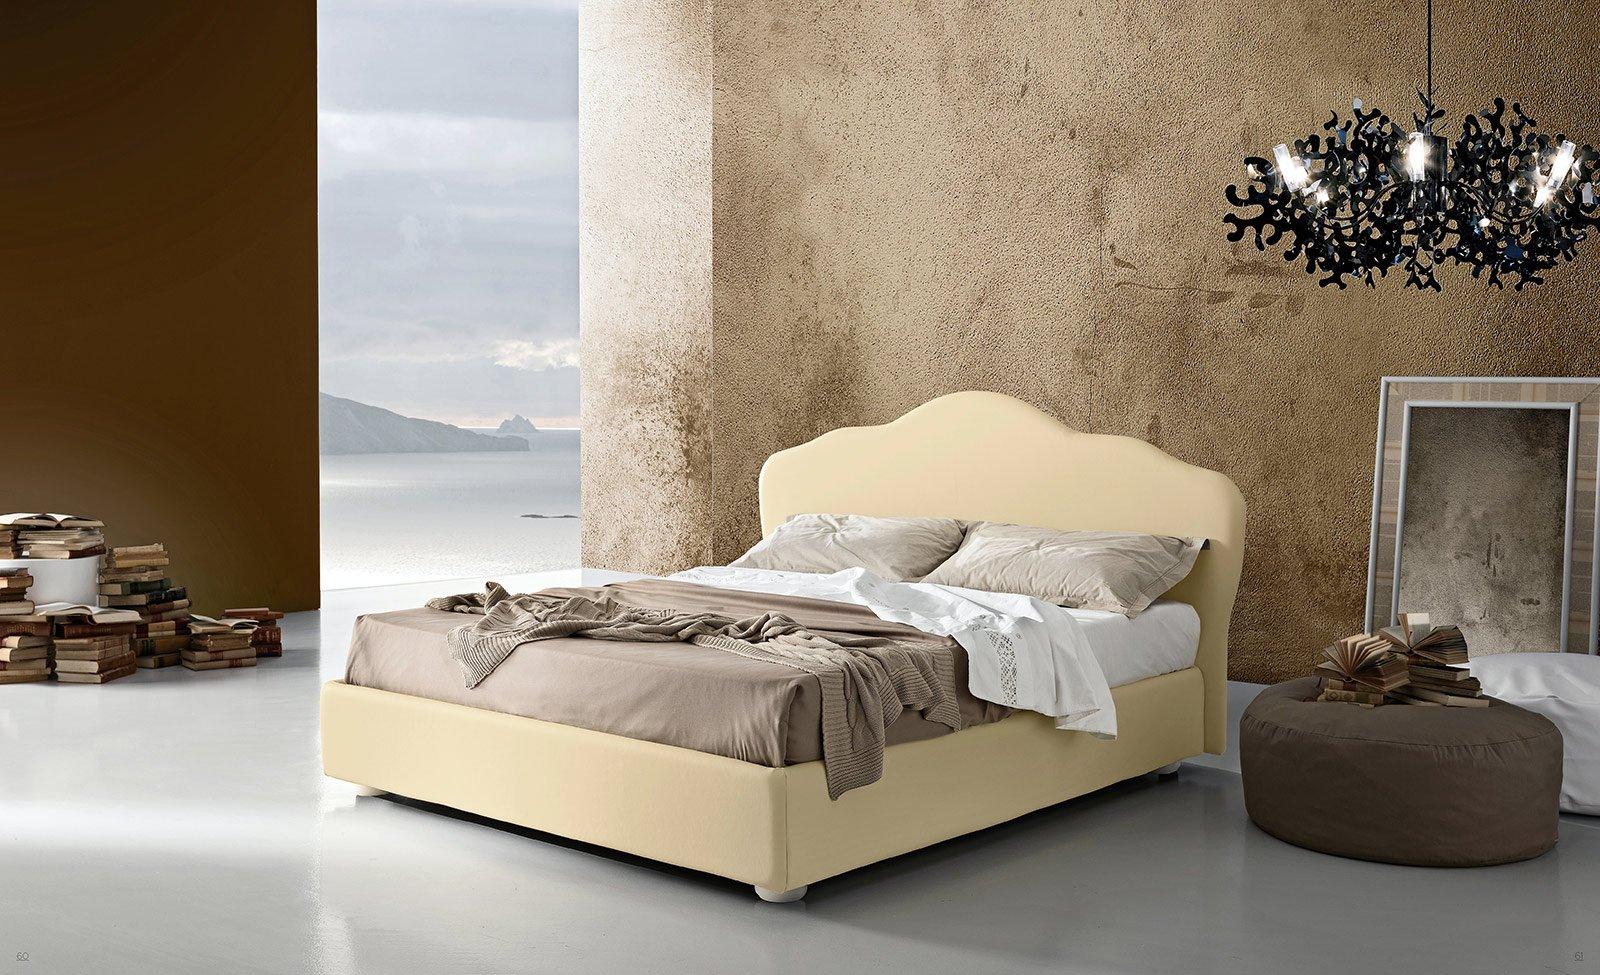 Tavolo arte povera mondo convenienza - Spalliera letto con cuscini ...